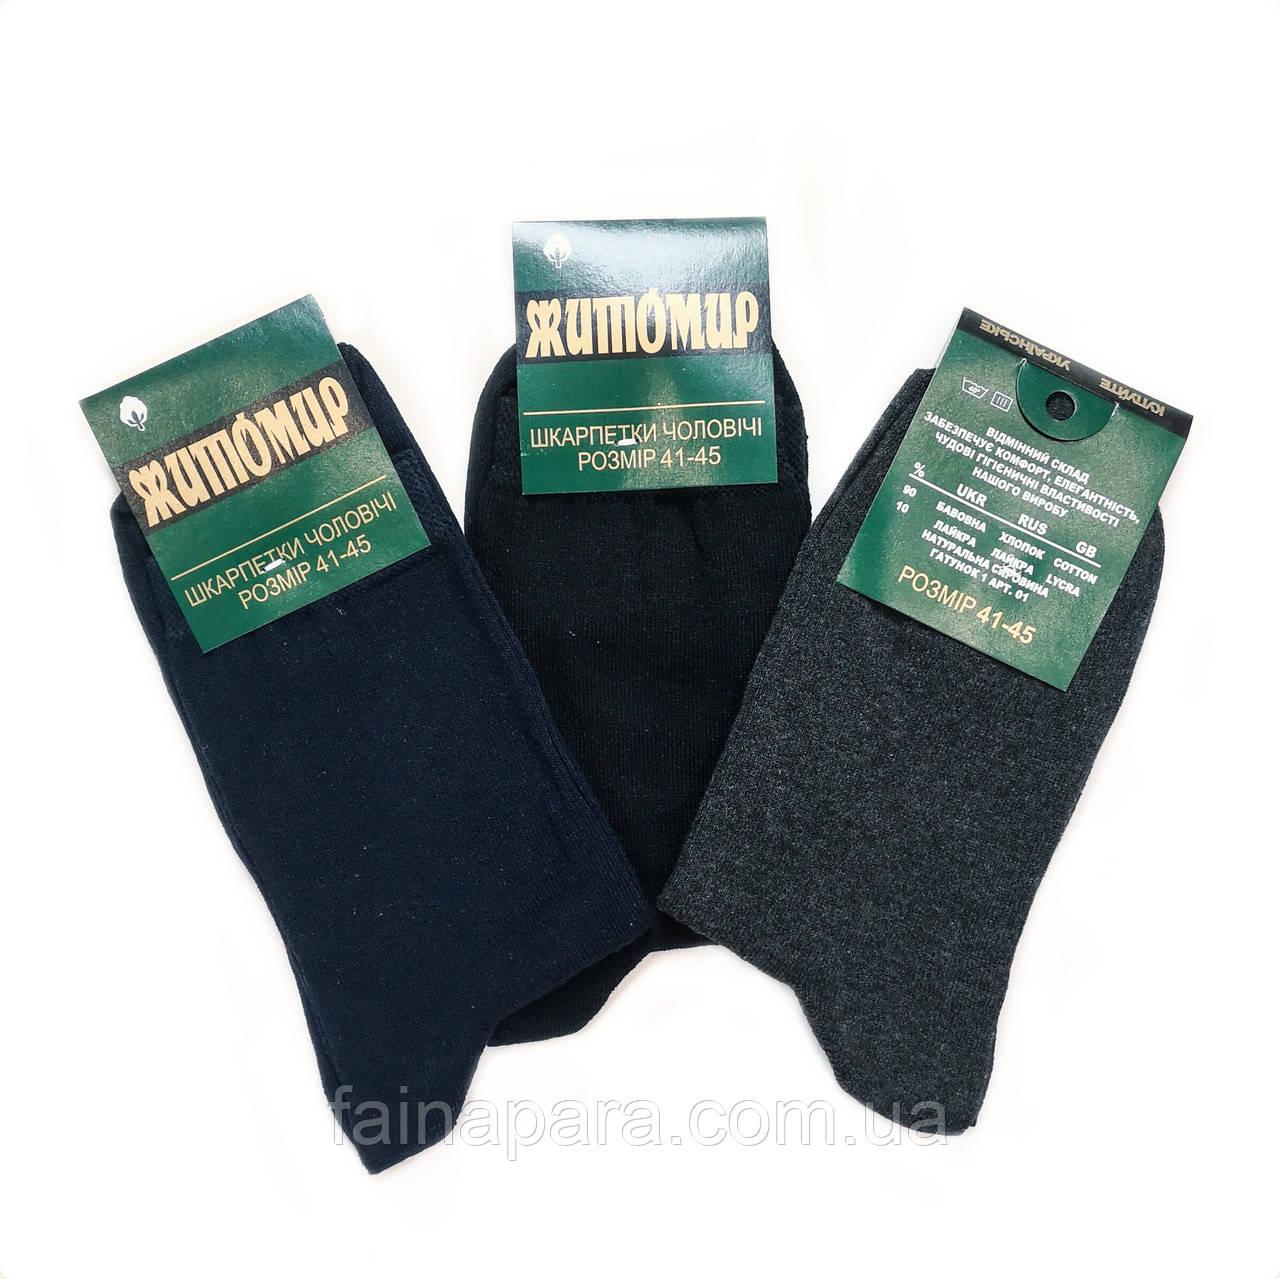 Мужские демисезонные хлопковые носки Житомир